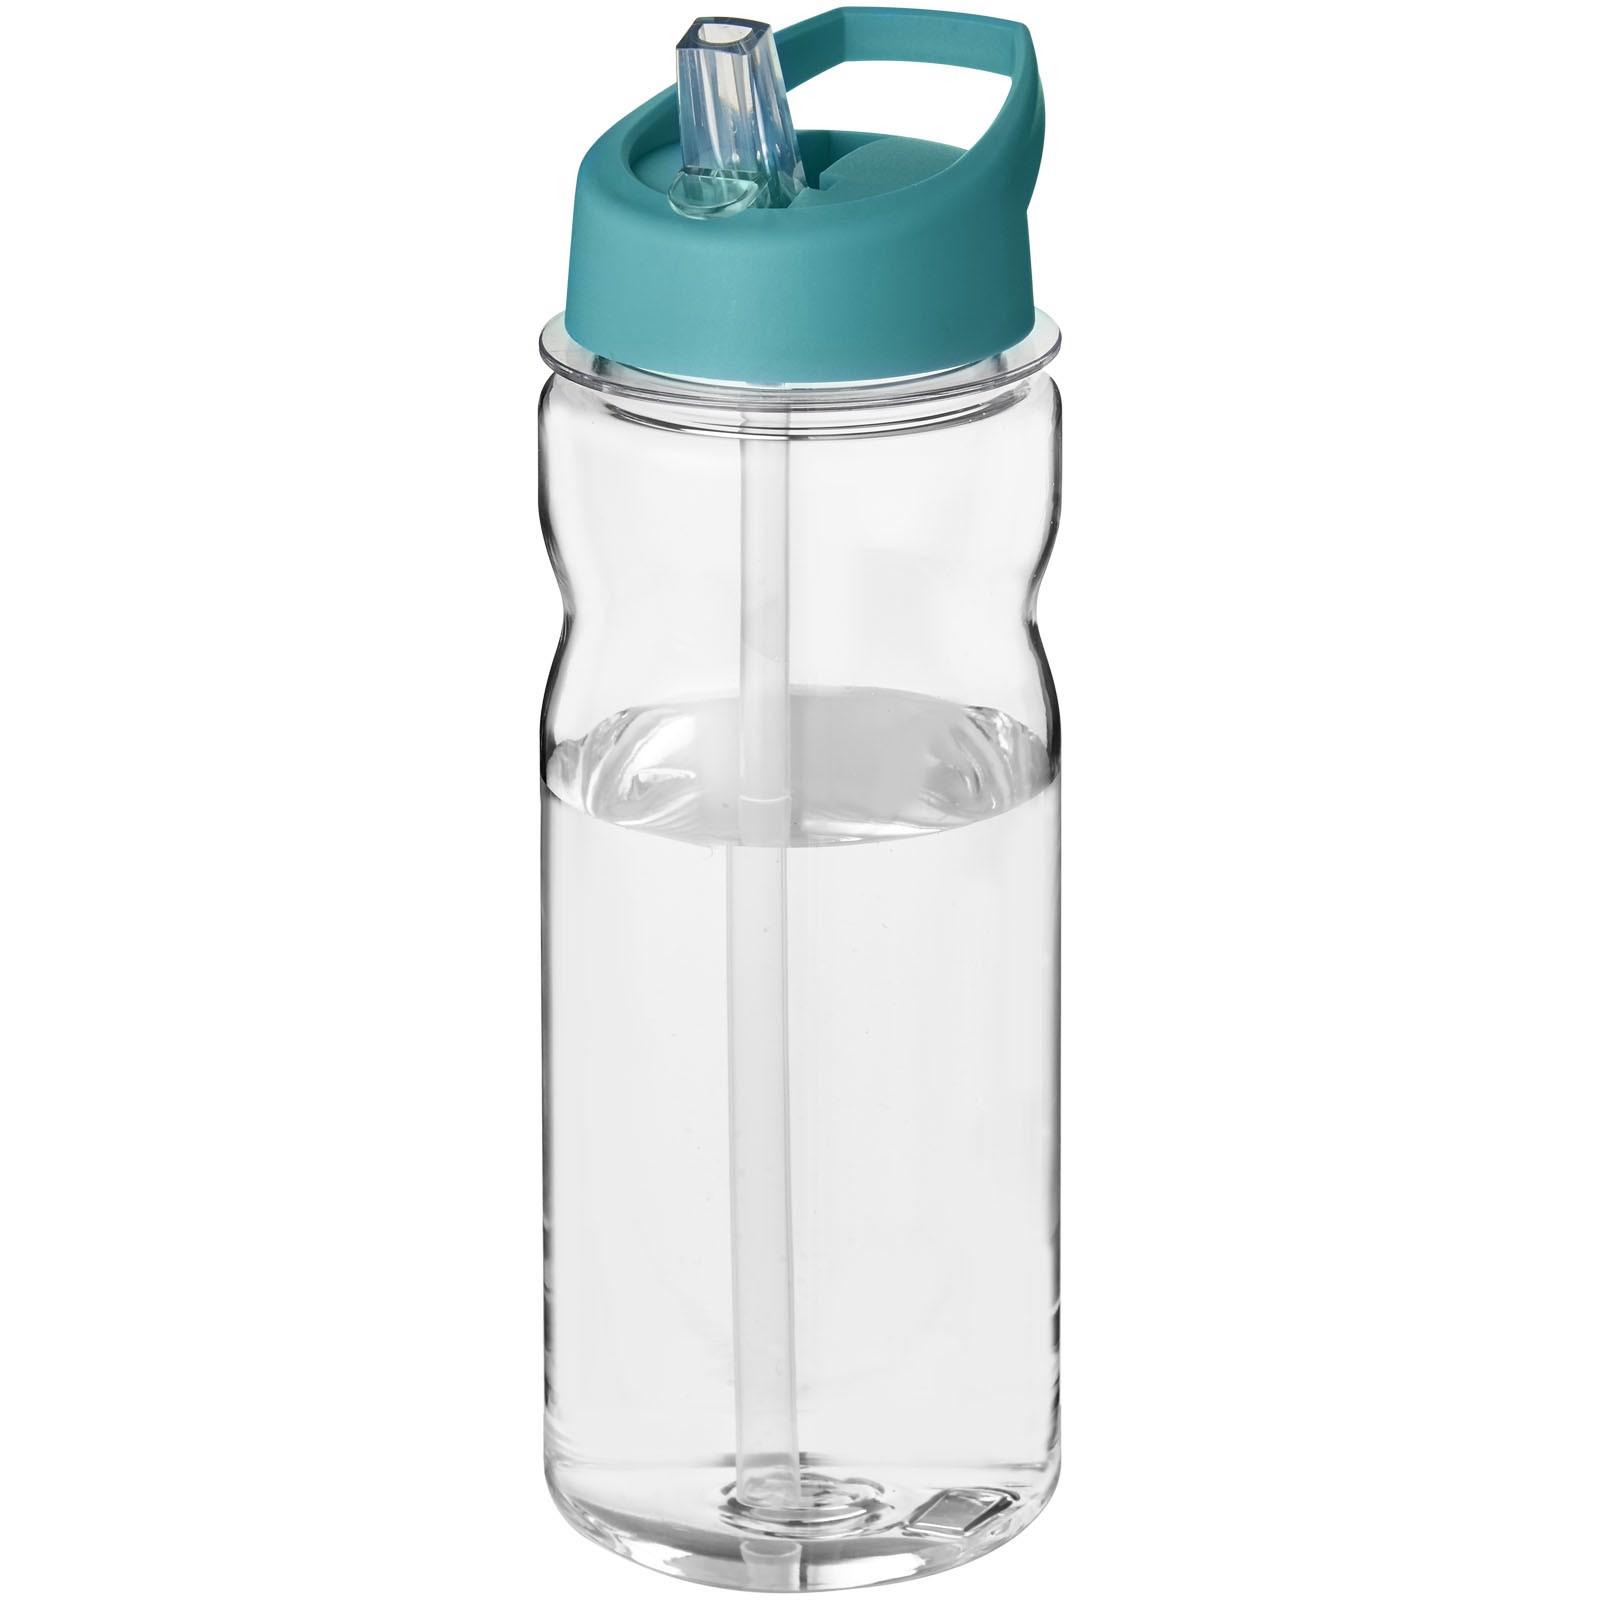 Sportovní láhev s víčkem s hubičkou Base Tritan™ 650 ml - Průhledná / Aqua blue